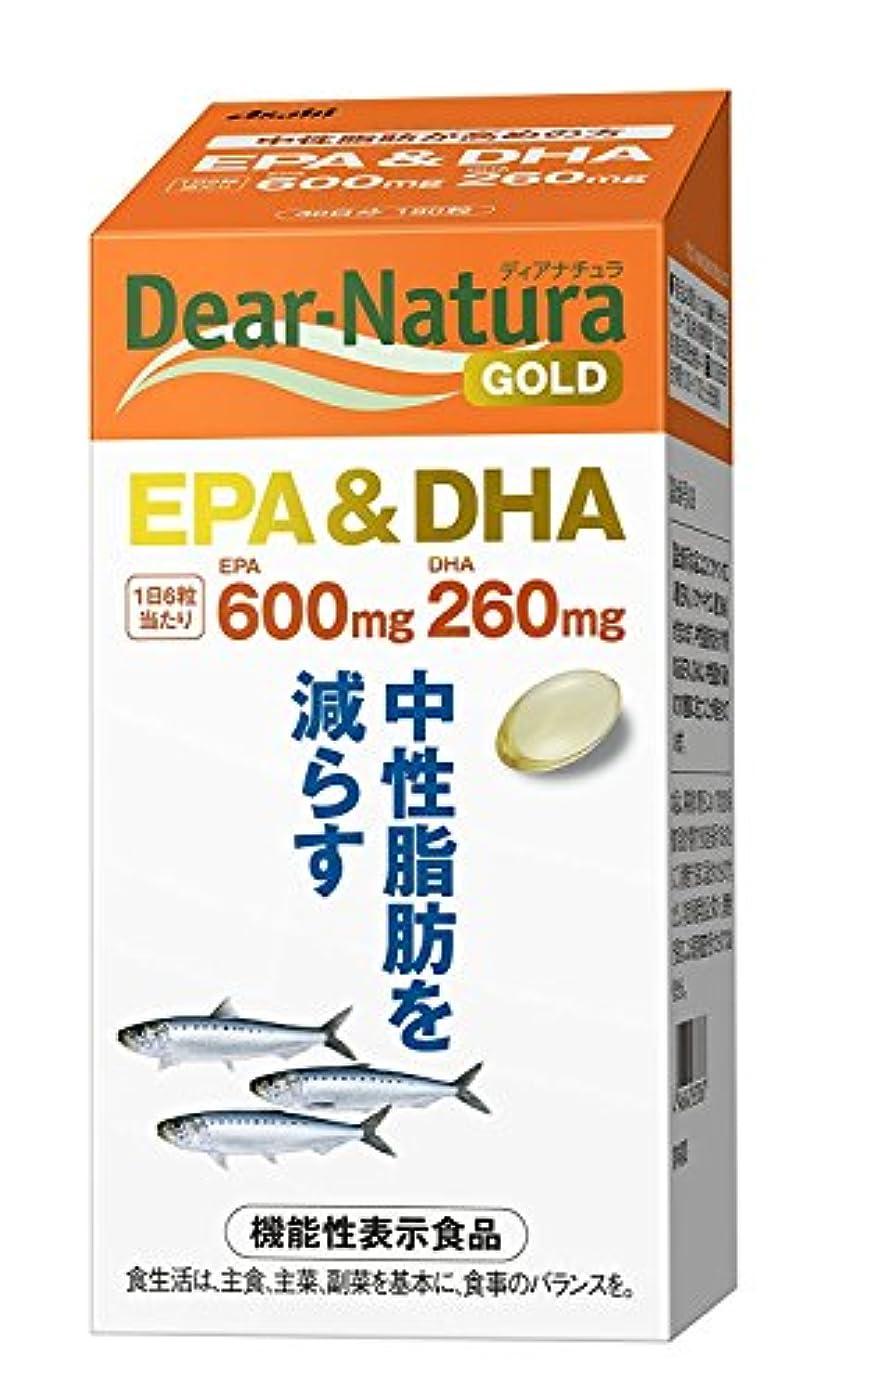 引数盟主幽霊【210粒】ディアナチュラゴールド EPA&DHA [機能性表示食品] 30日分+5日分 (180粒+30粒) x2個 4946842637867-2